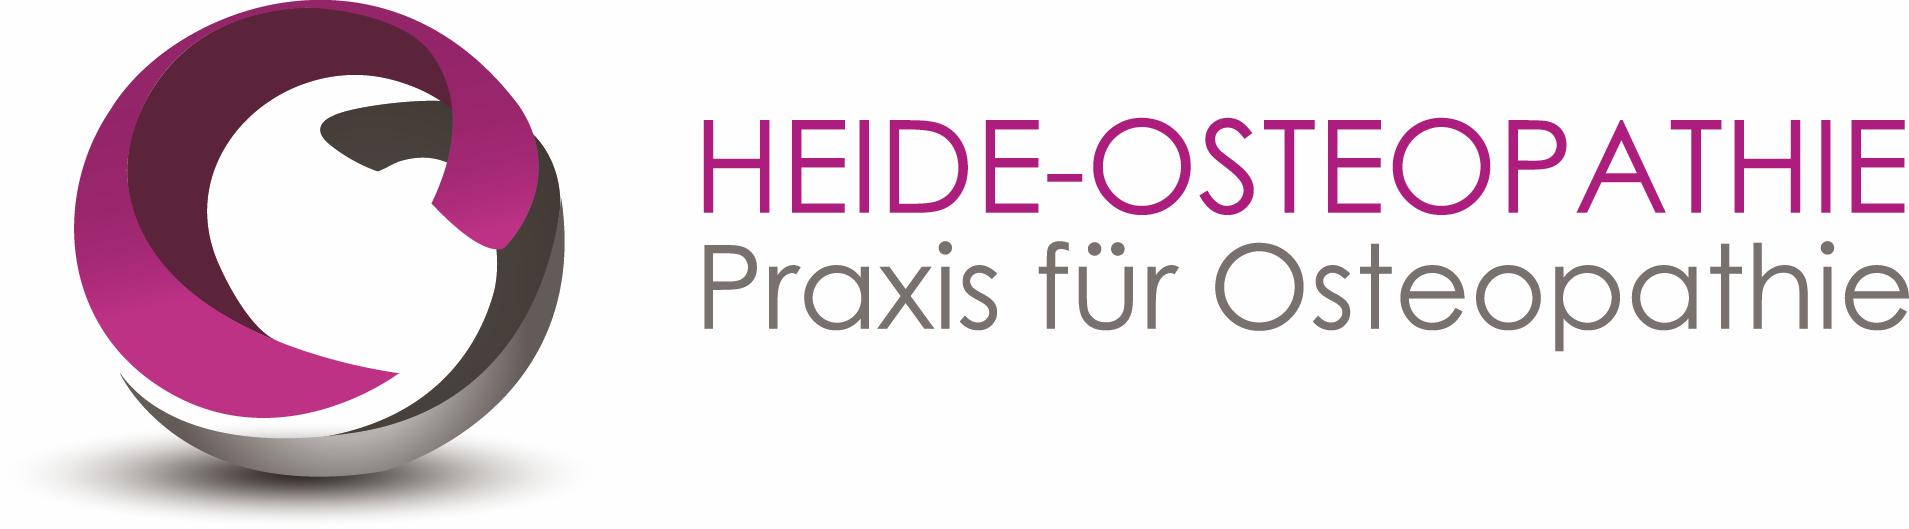 Heide-Osteopathie